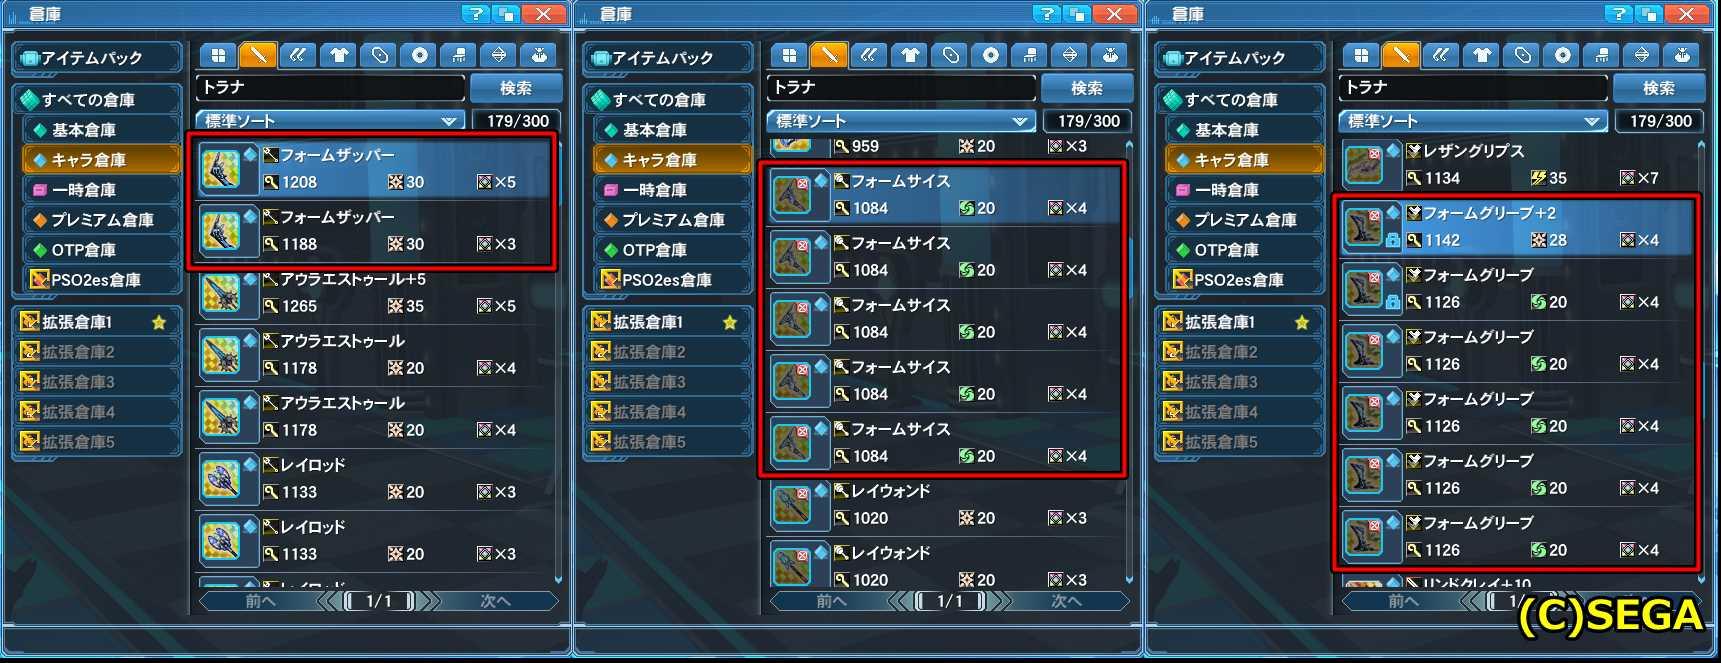 20161019-02.jpg